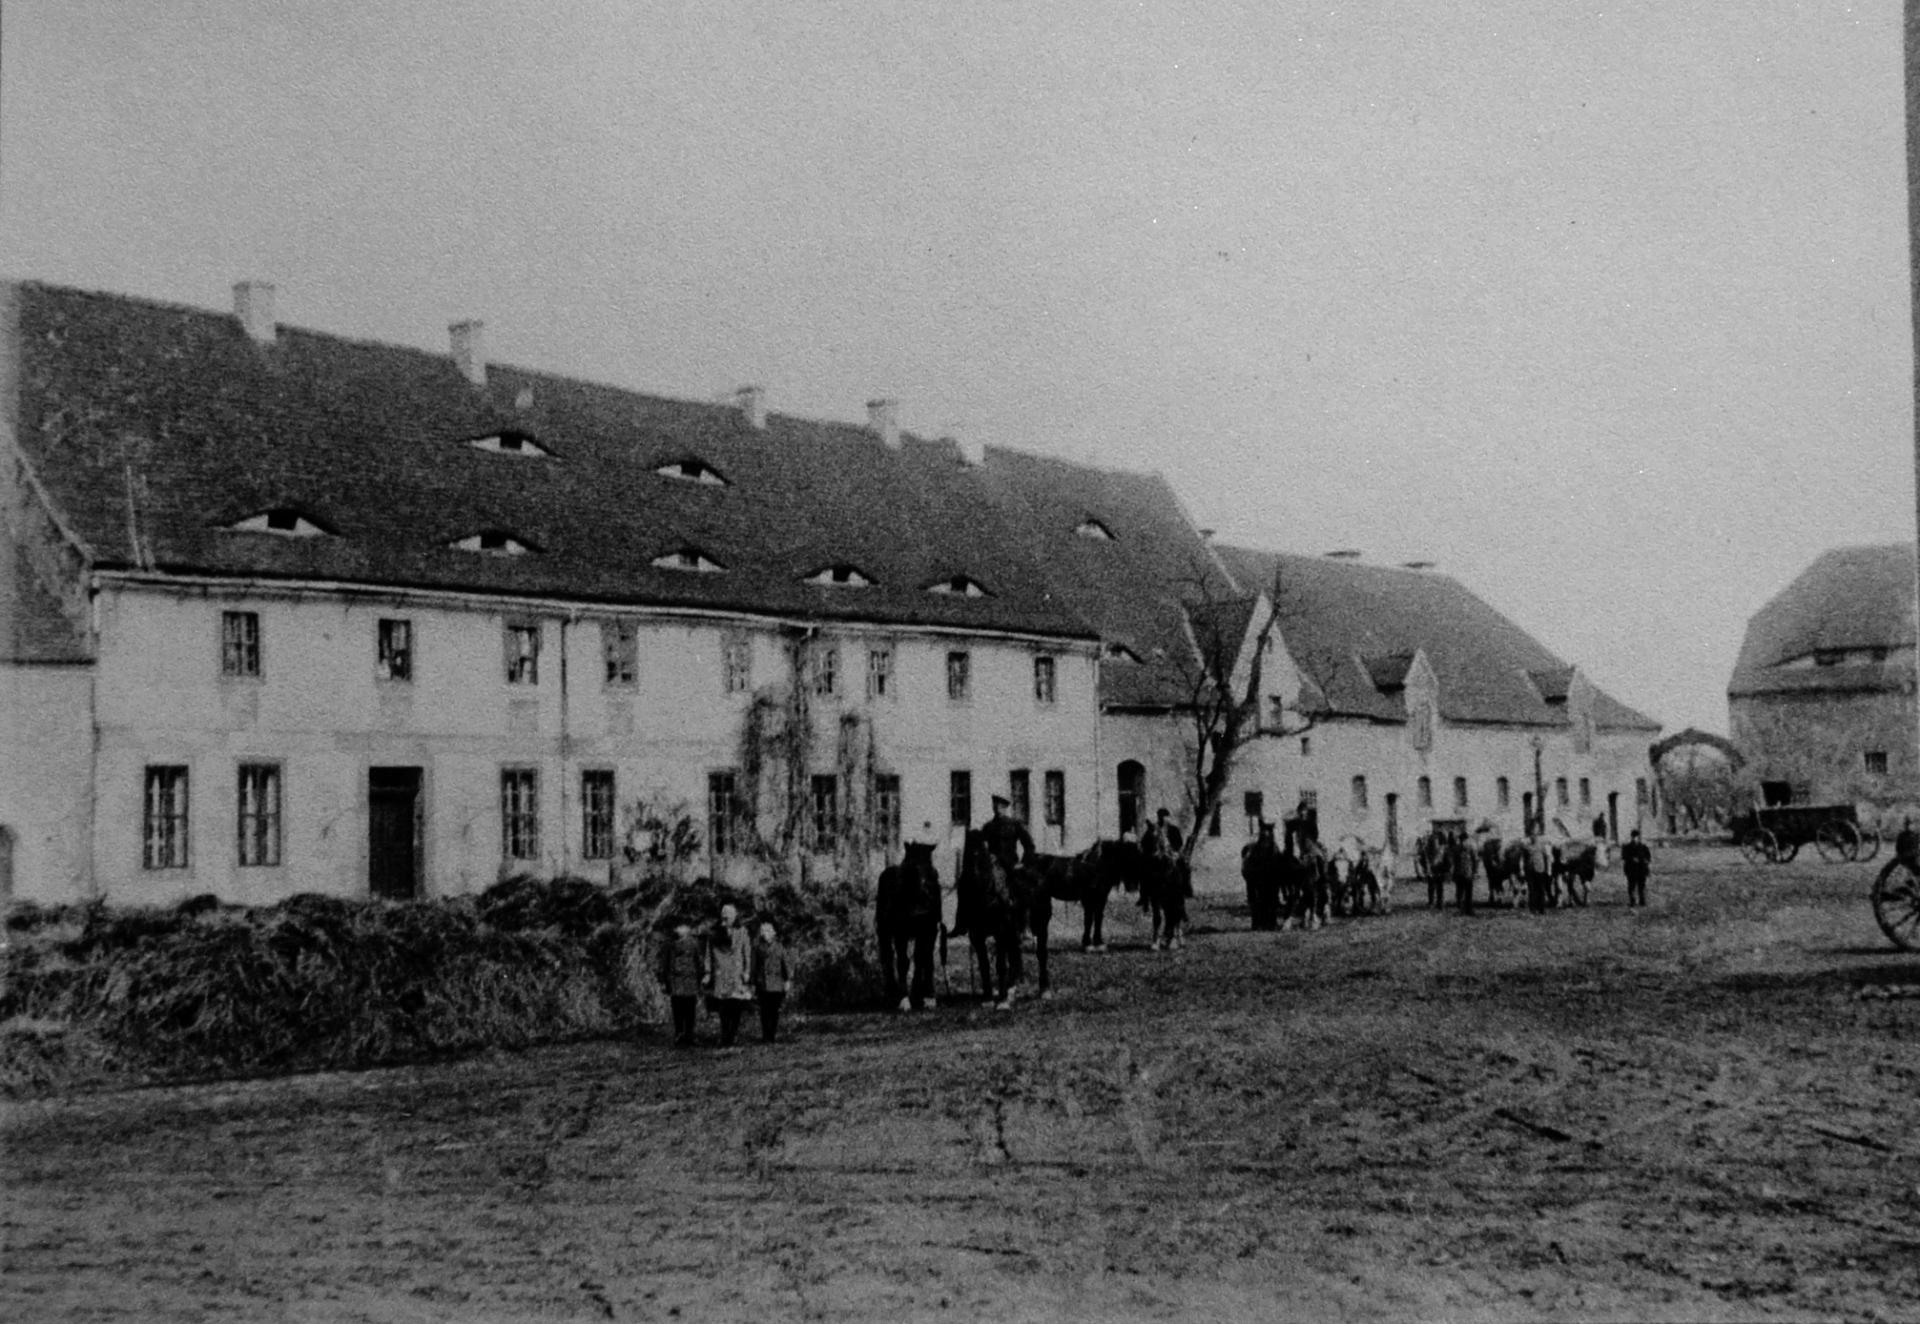 Domäne 1900